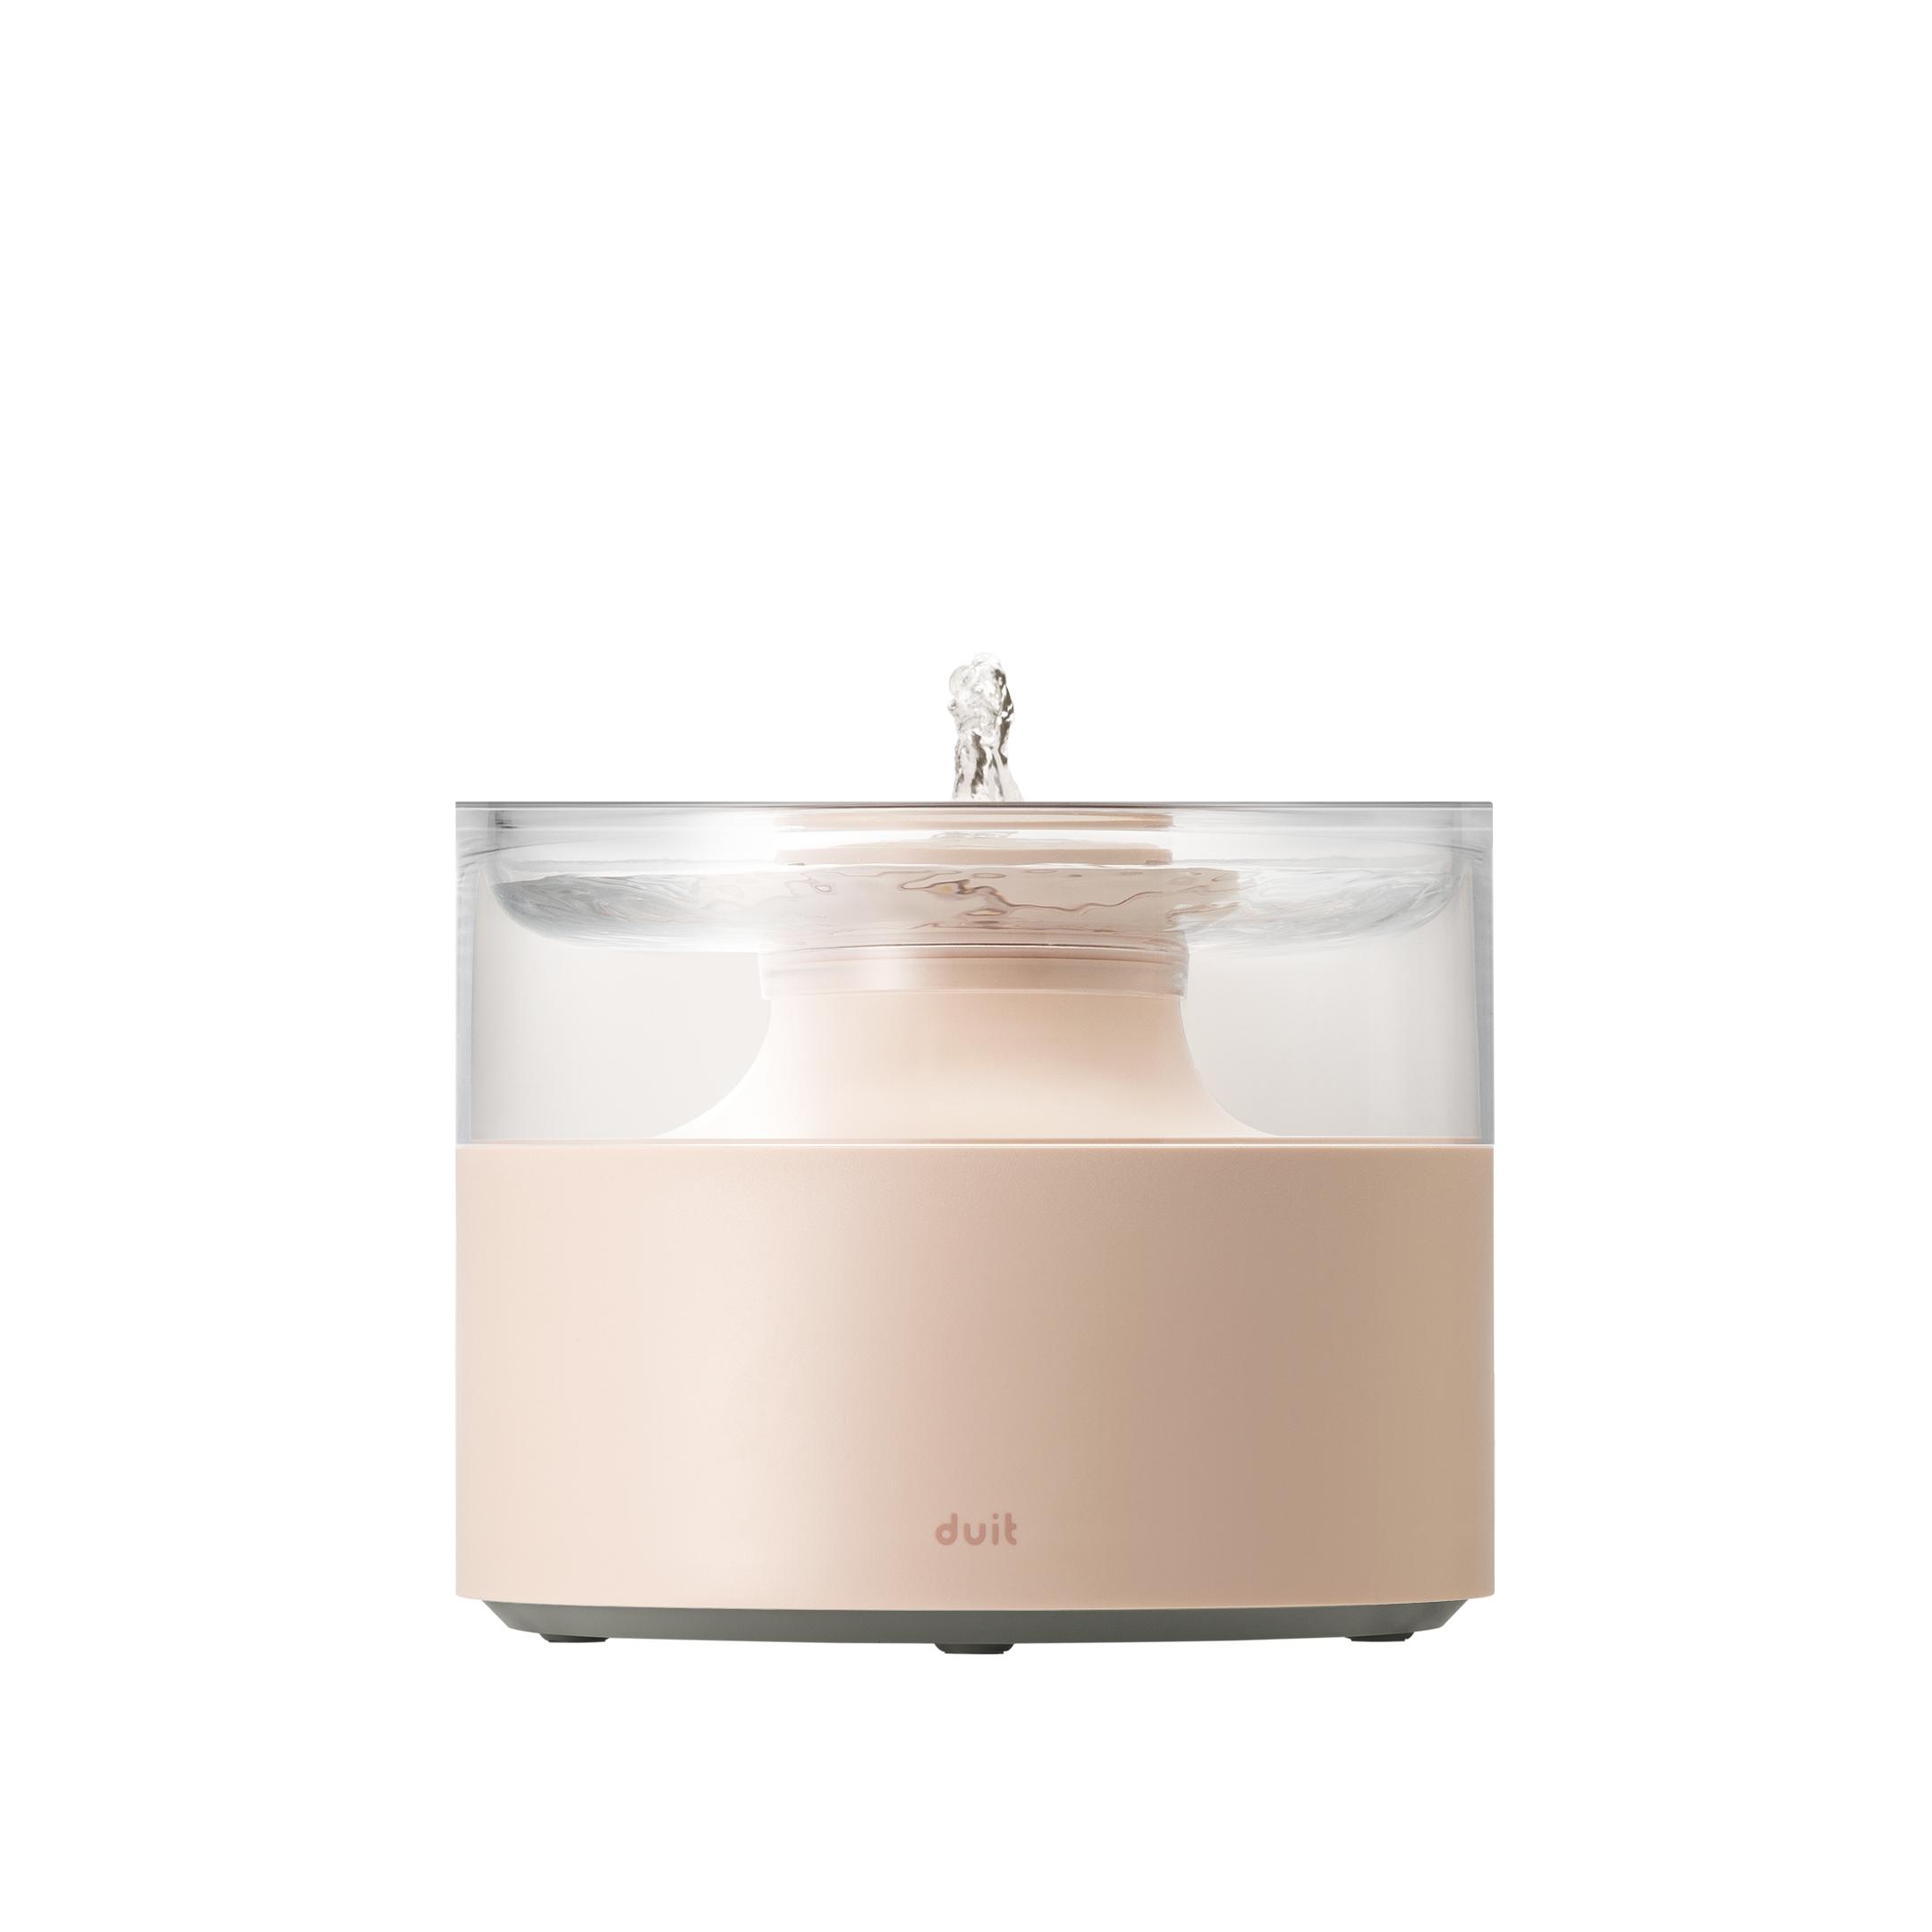 두잇 워터팟 정수기, WPS-1020, 핑크